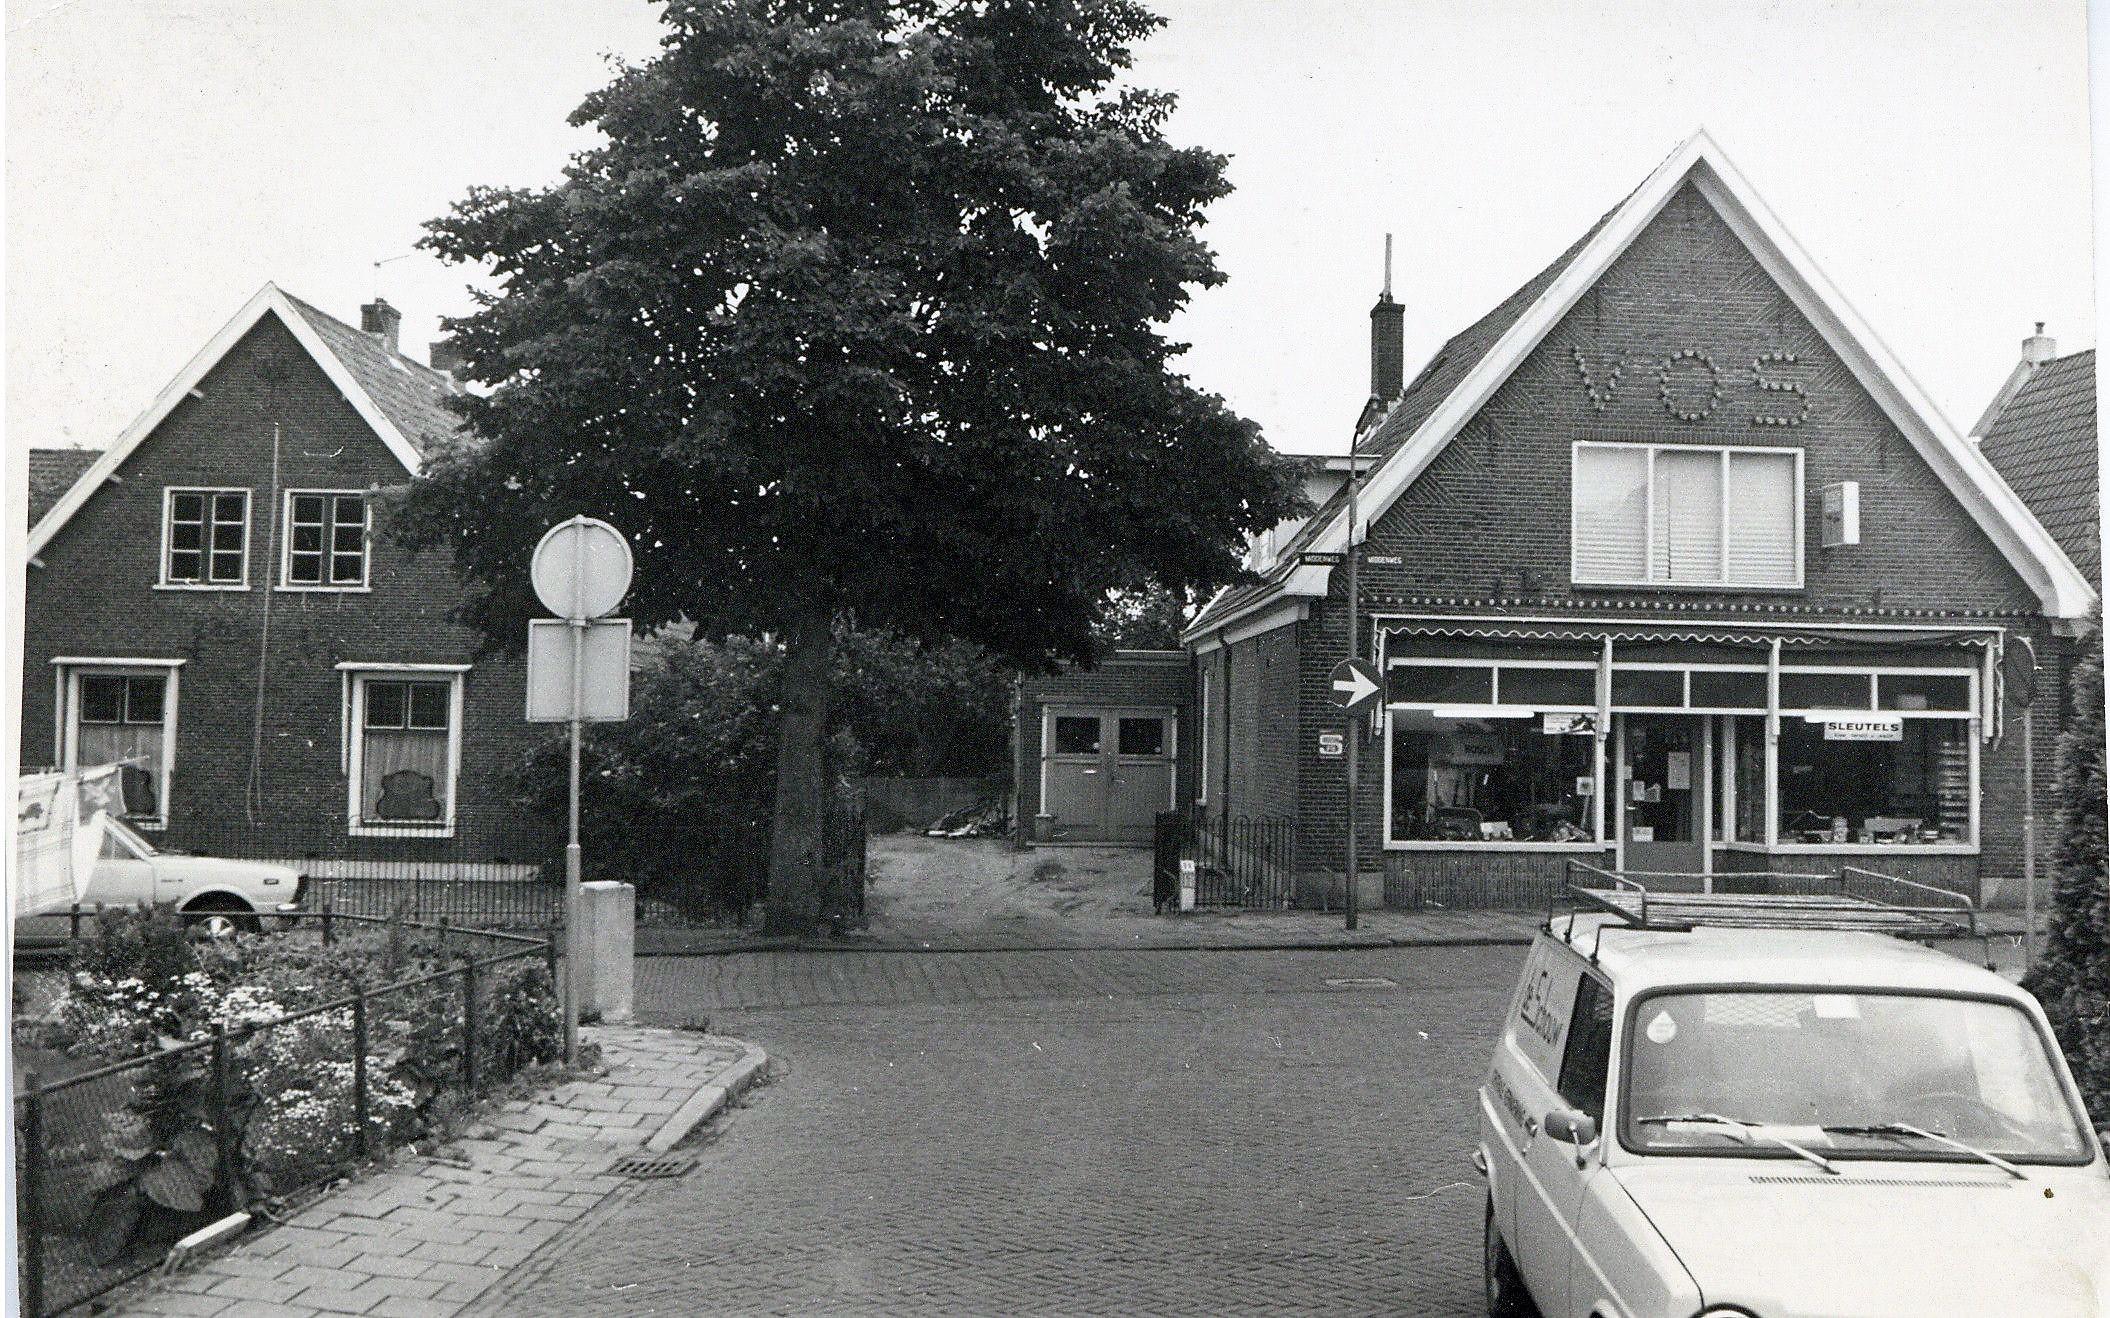 Vos Ijzerhandel Huizen : Oud en nieuw huizen vos ijzerhandel ophuizerhoogte